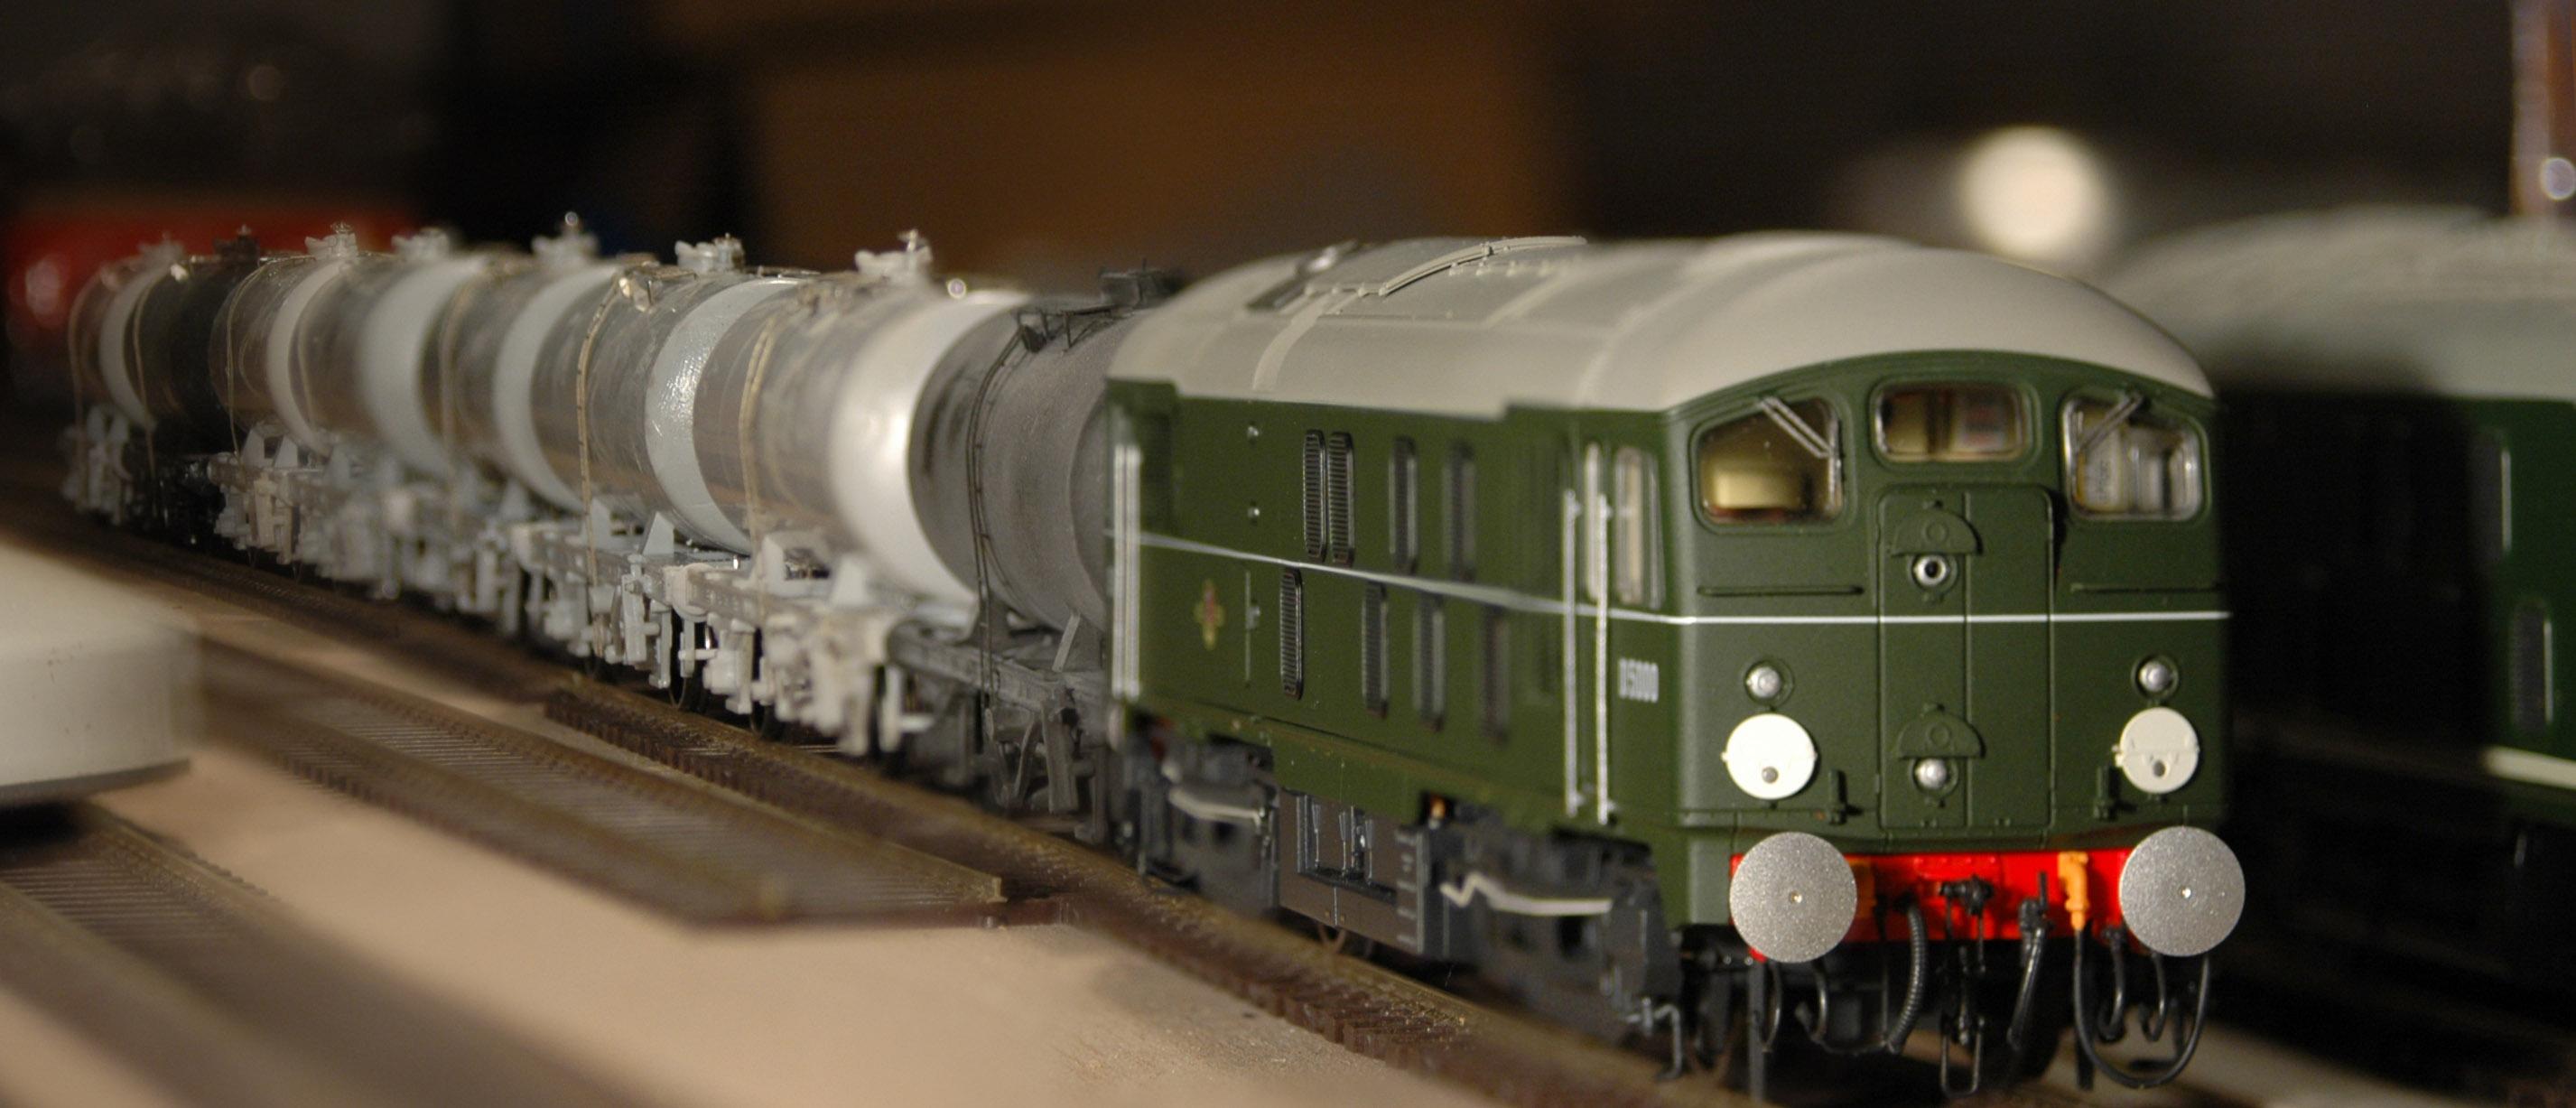 Tanker09.jpg